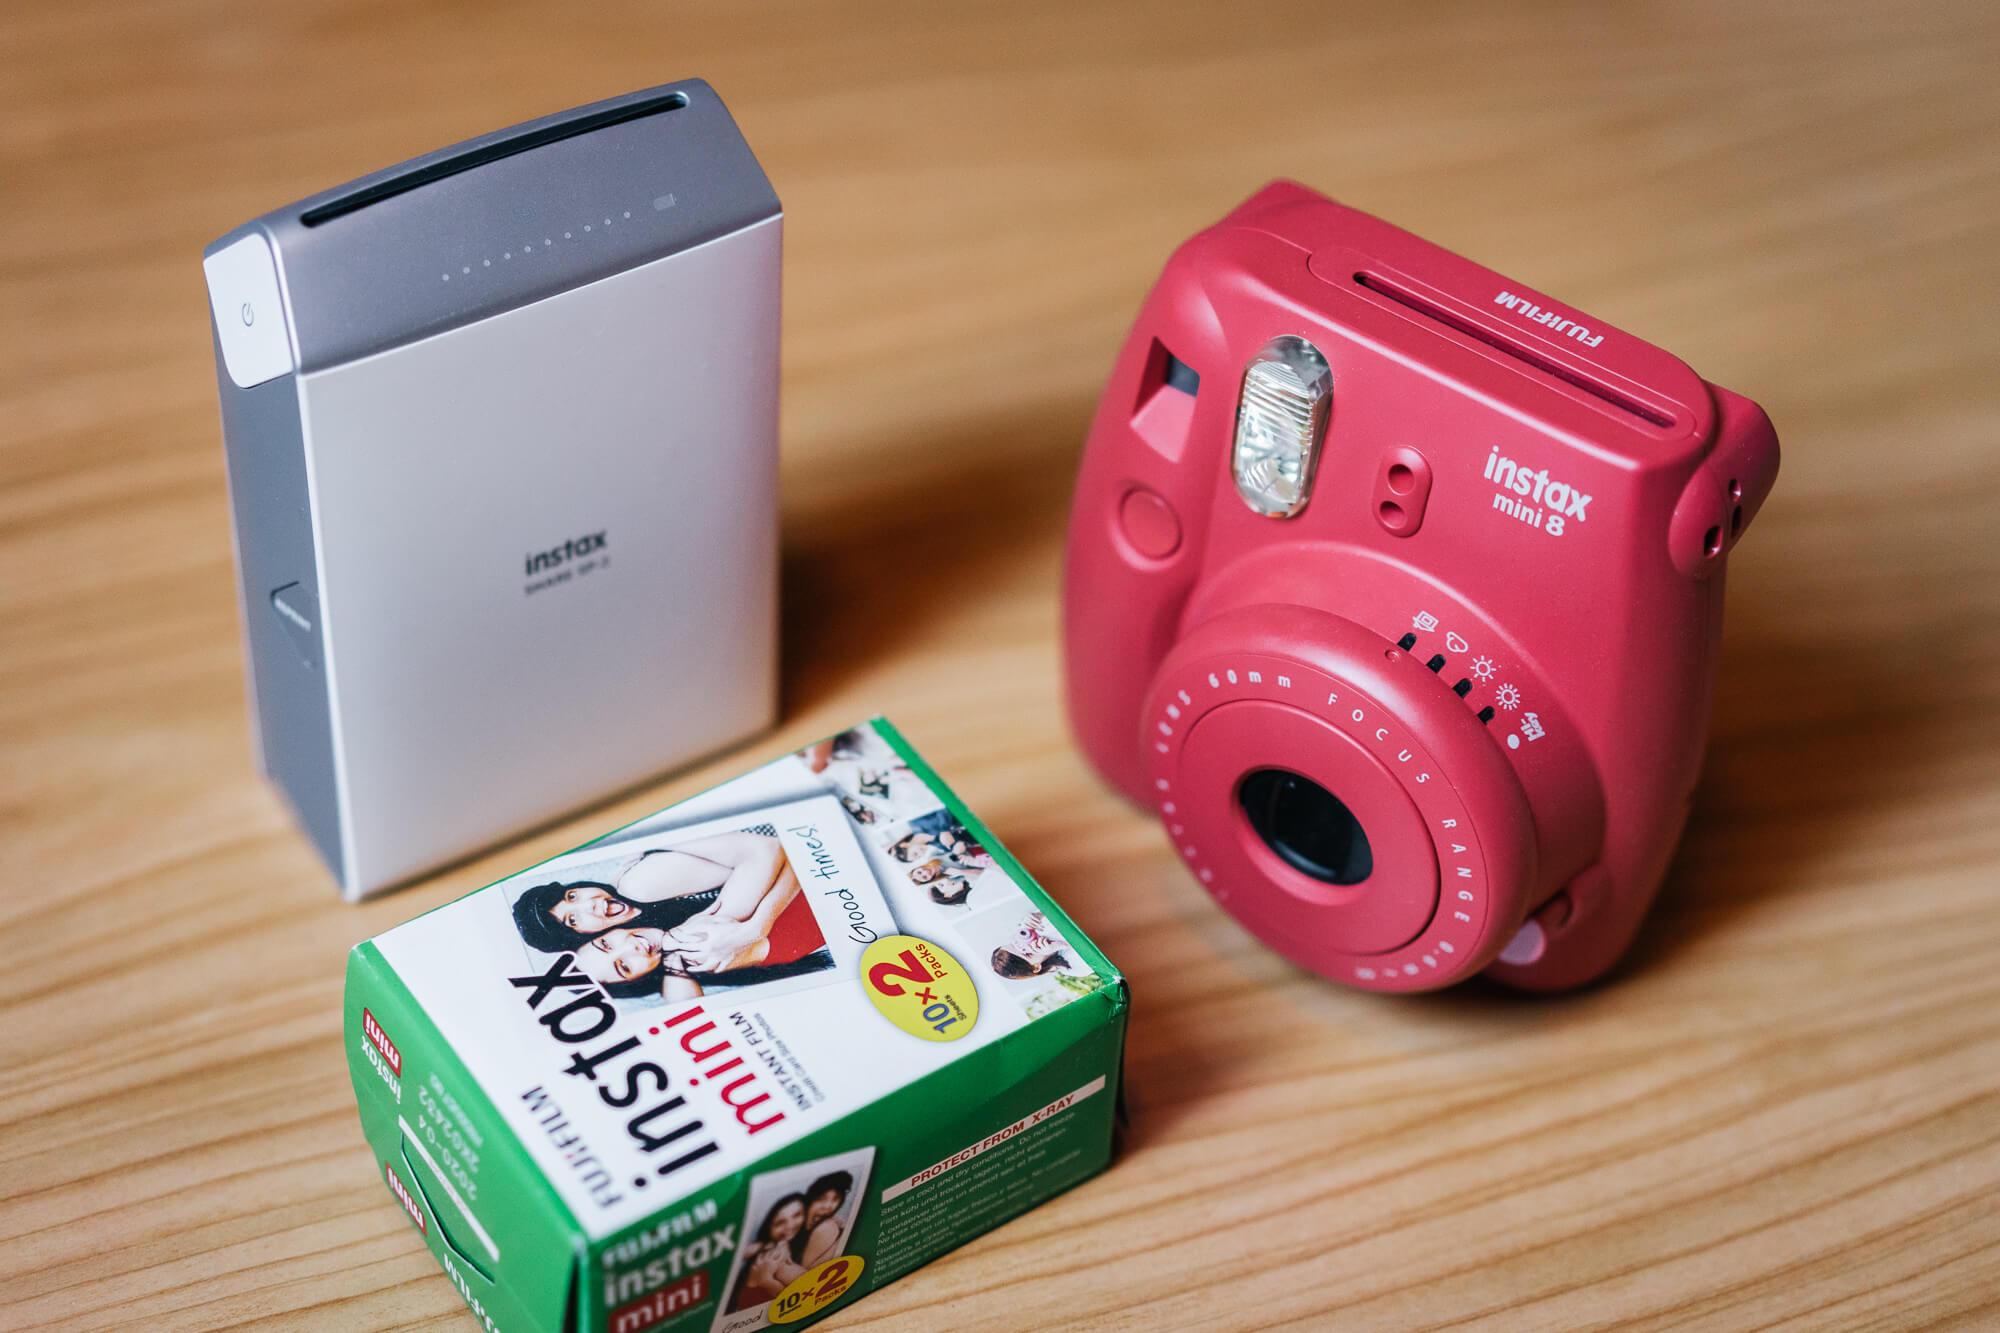 Instant filmes fényképezőgépek -Instax mini